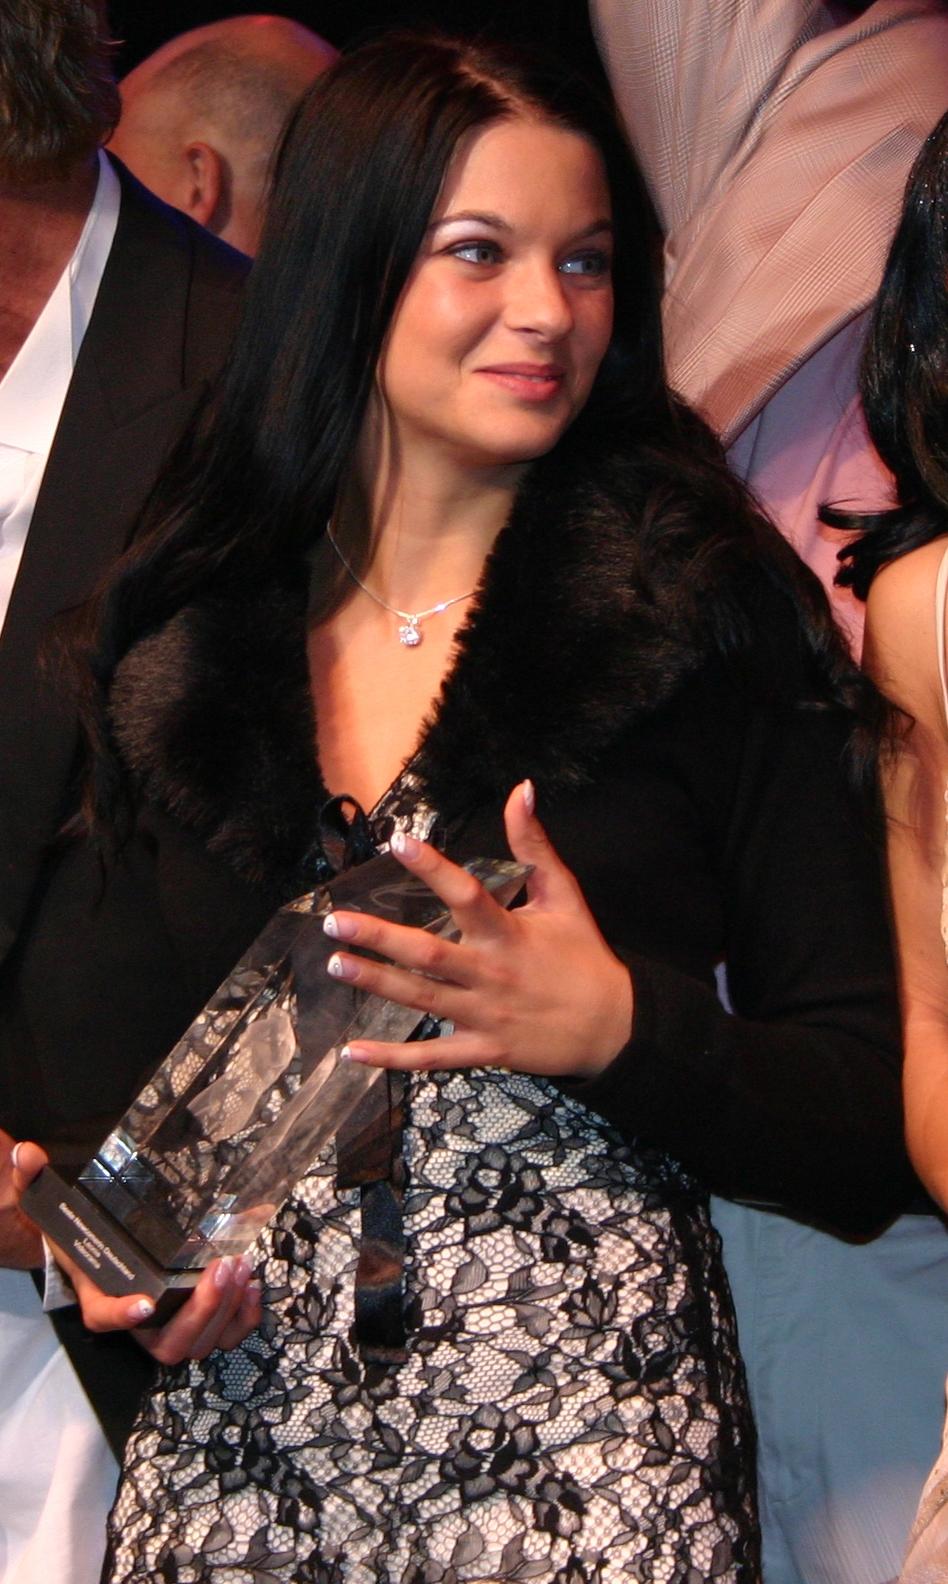 Description Leonie Saint 2006.JPG